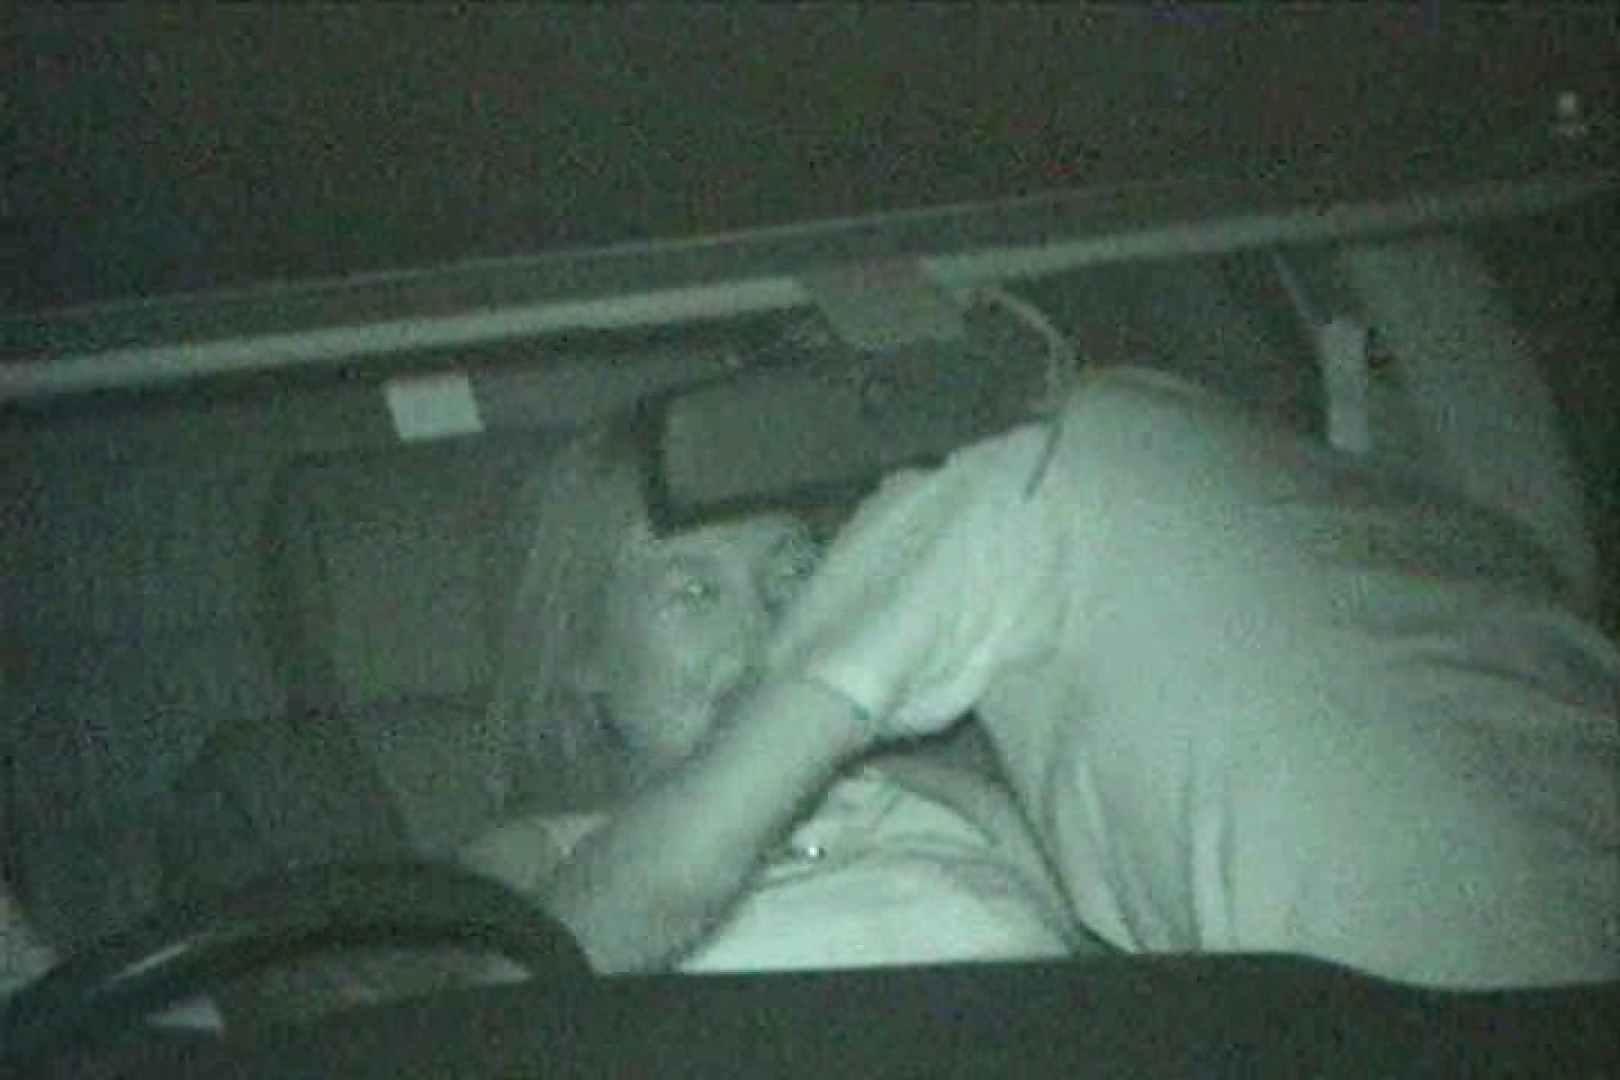 車の中はラブホテル 無修正版  Vol.25 ホテルでエッチ 盗撮おまんこ無修正動画無料 40pic 16